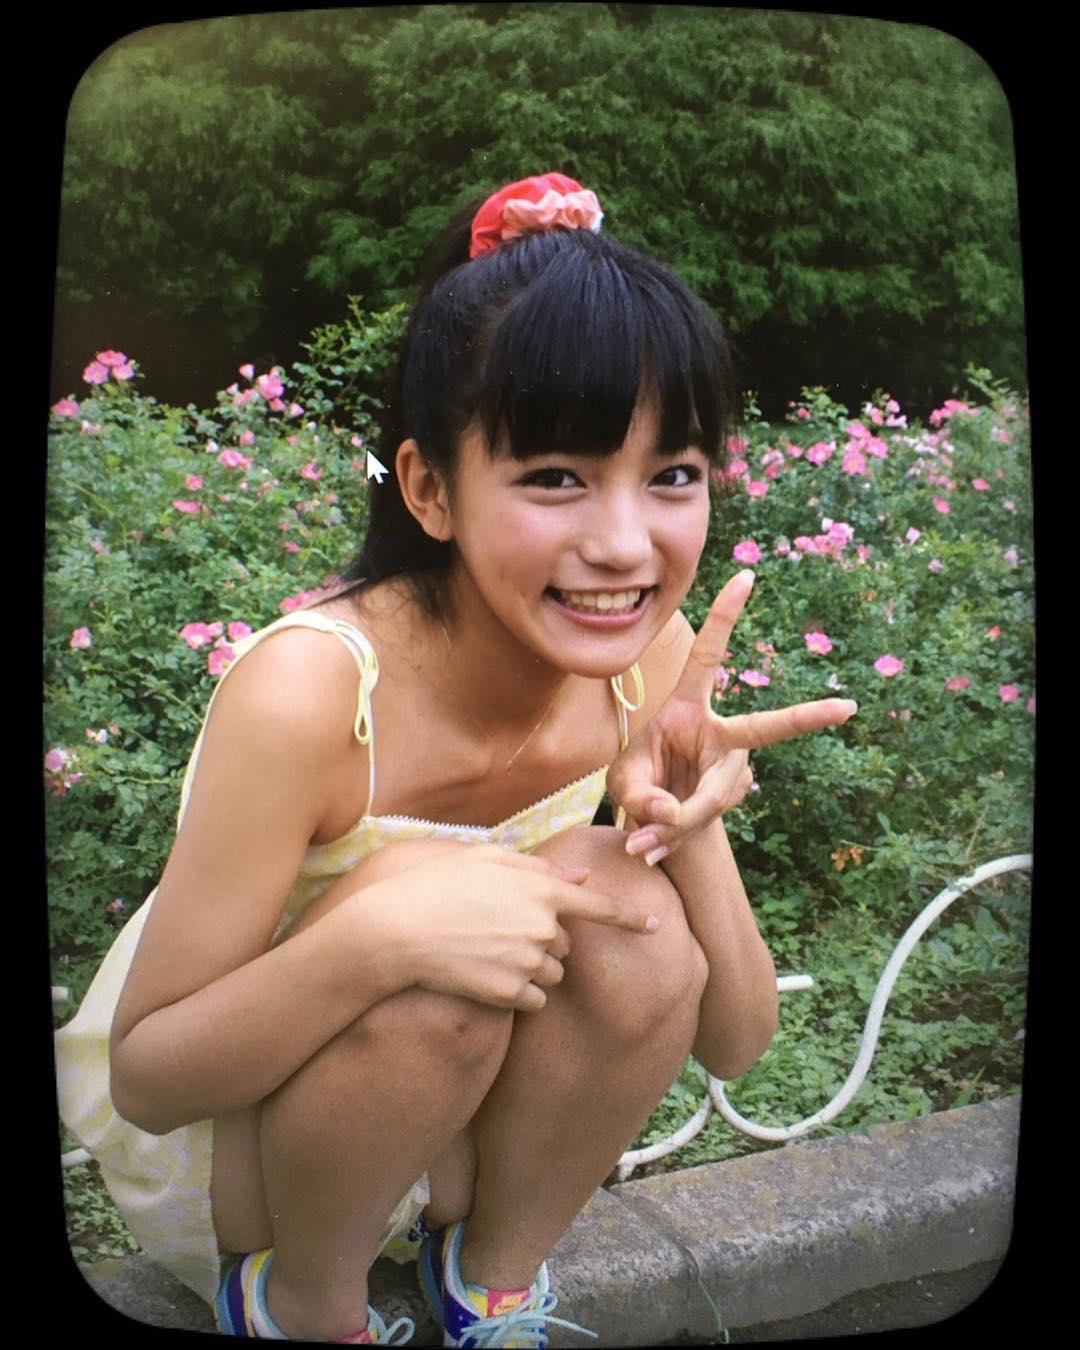 川口春奈の処女時代の写真